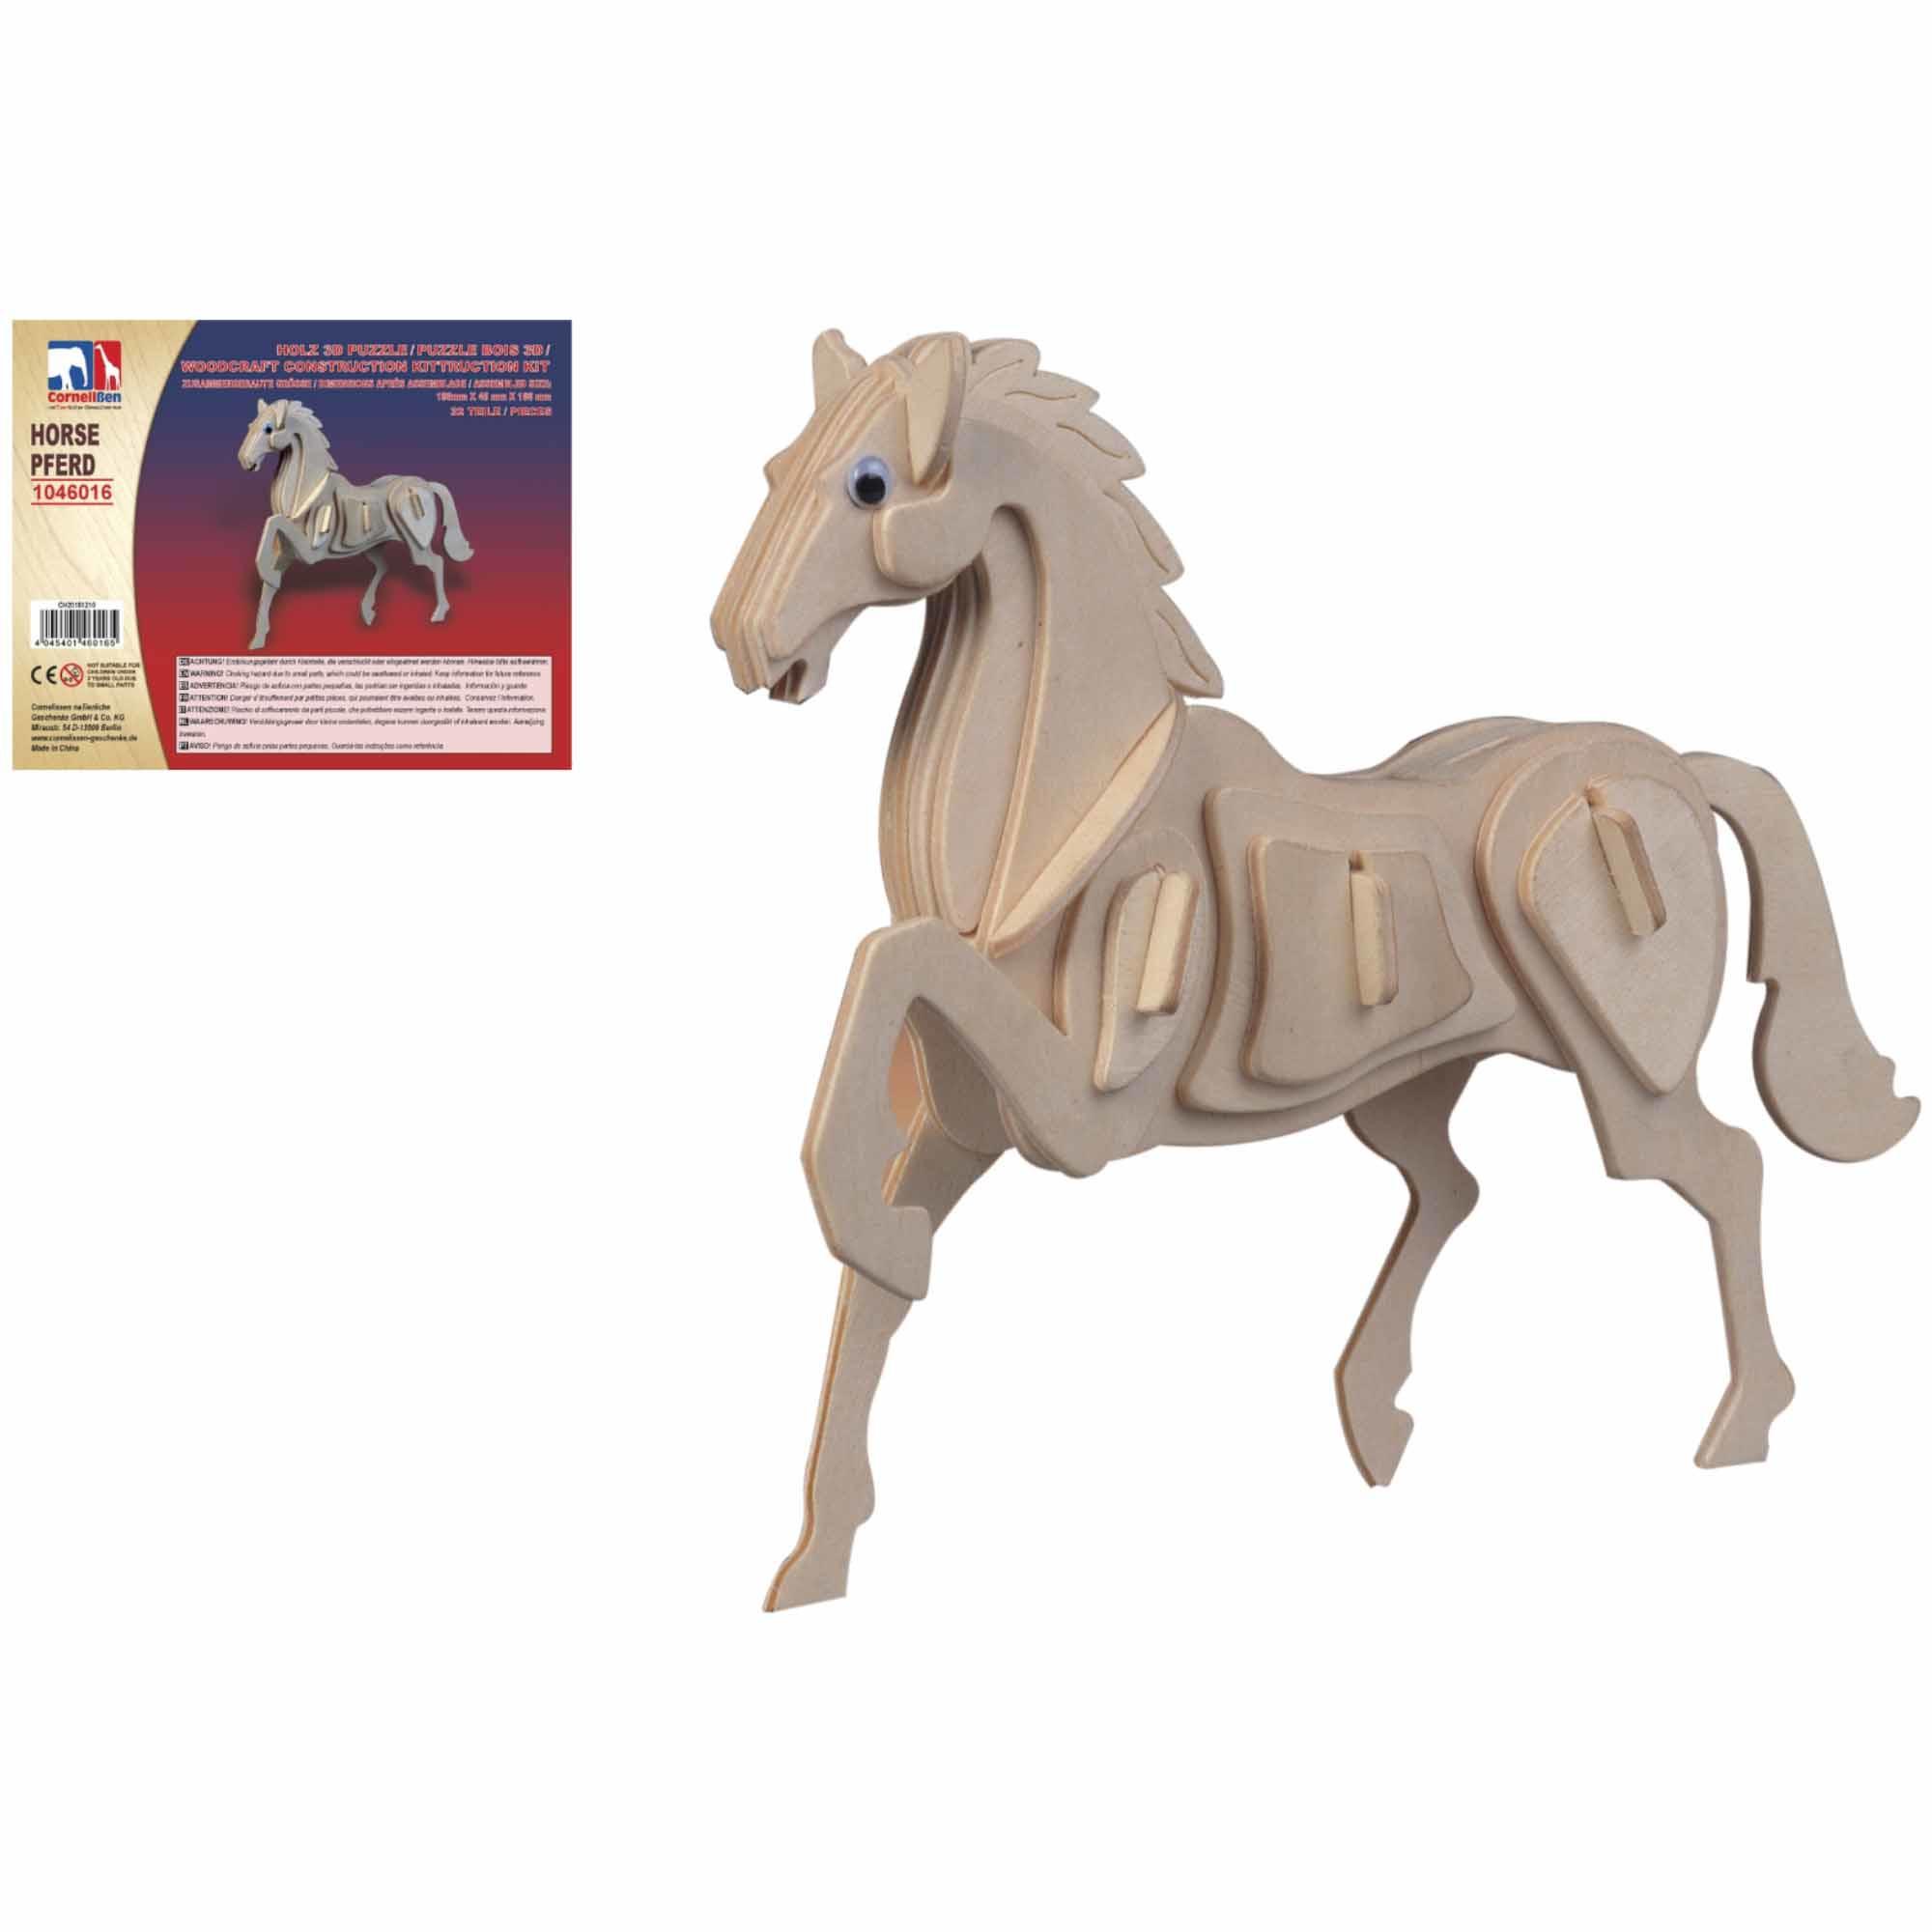 Houten 3D puzzel paard 20 cm